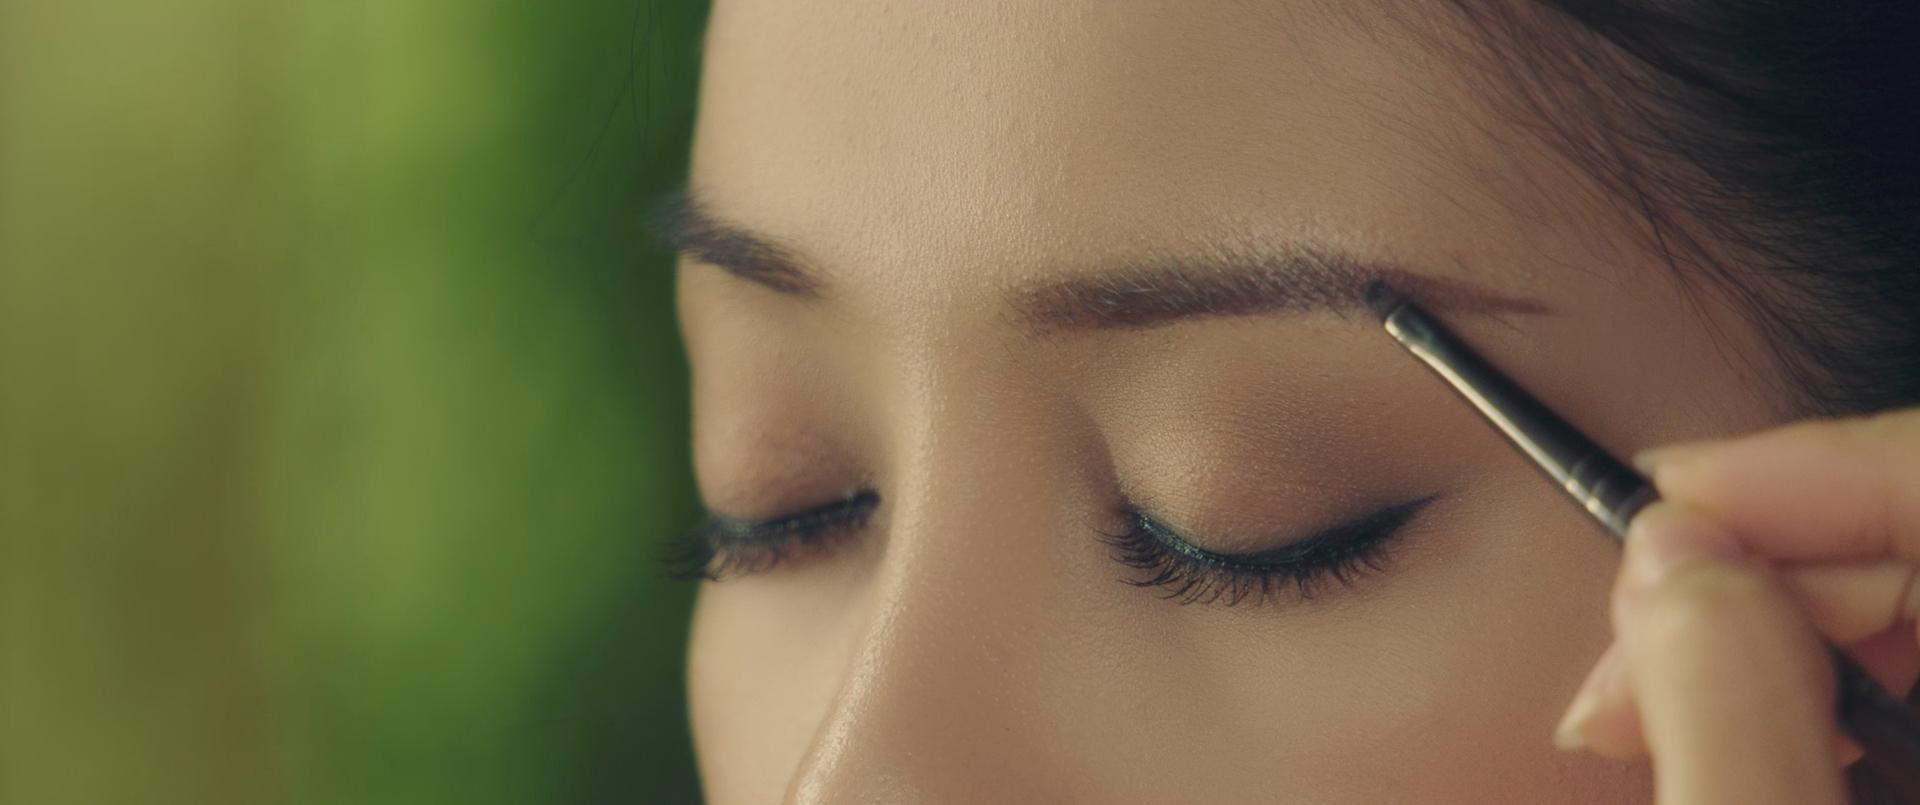 Phim điện ảnh 'Kiều' hé lộ những hình ảnh đầu tiên vào đúng 200 ngày mất của Đại thi hào Nguyễn Du 3